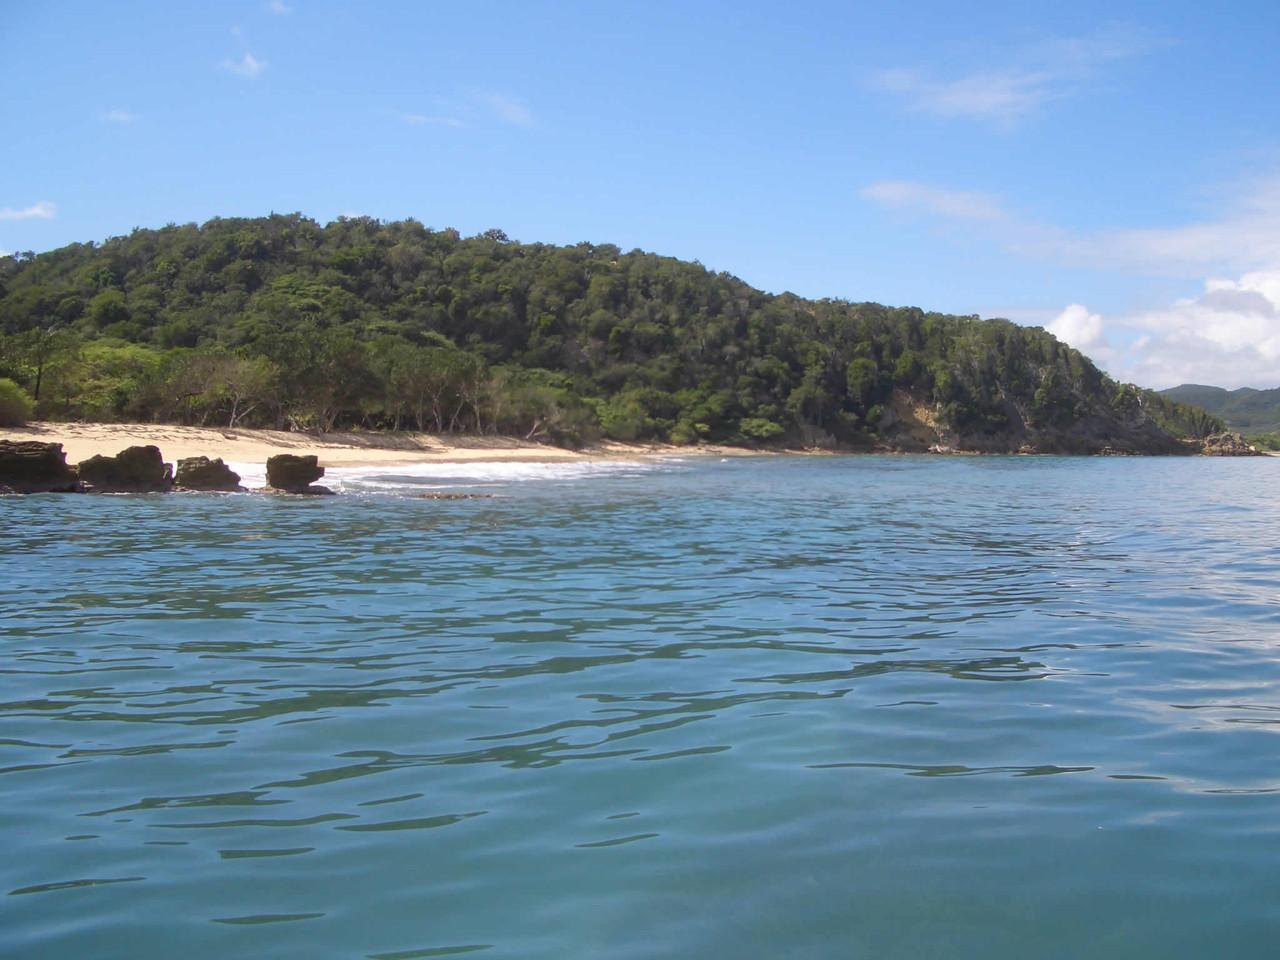 Vista de la playa El paisano